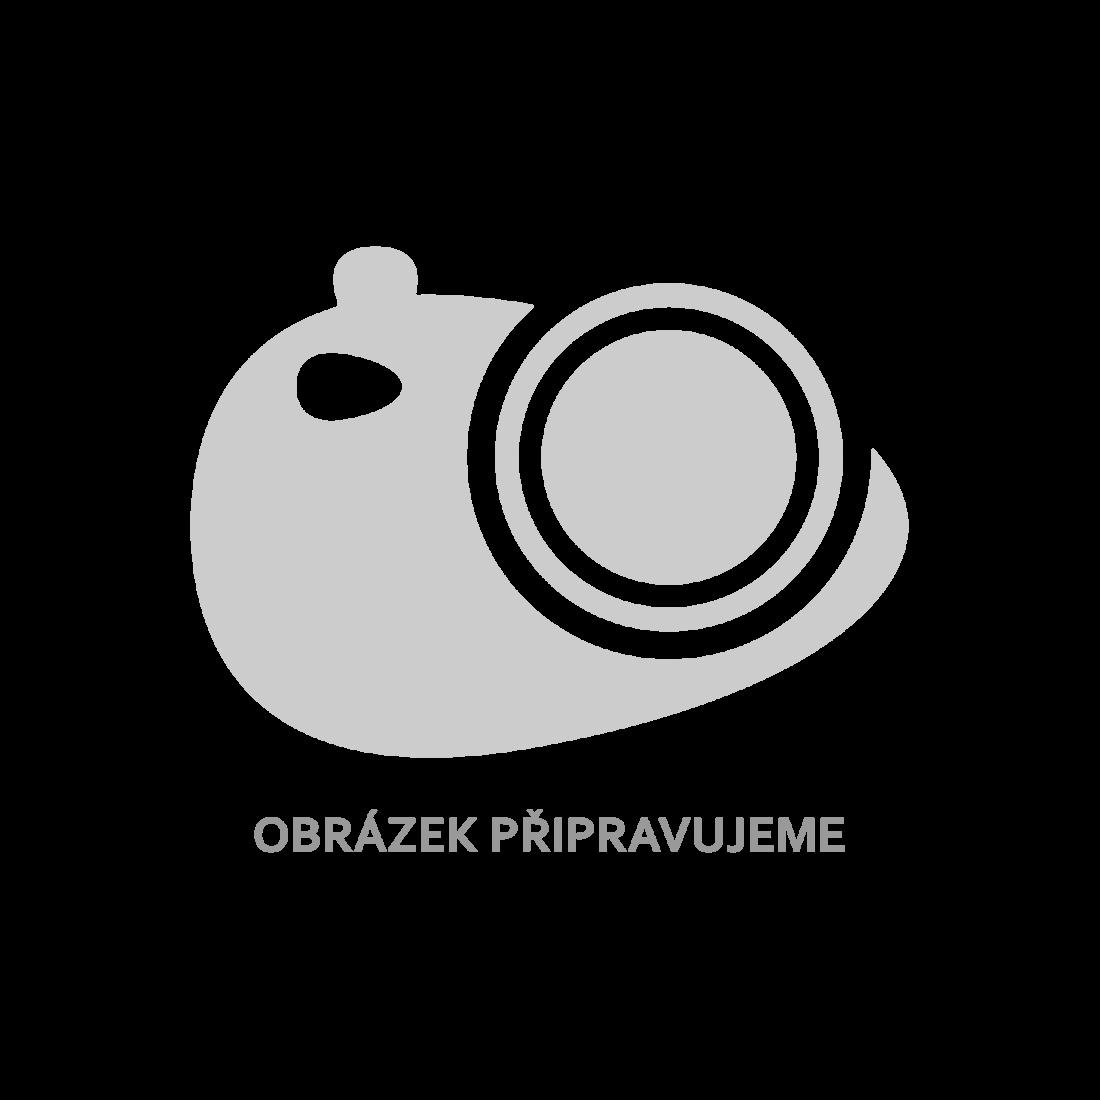 vidaXL Zahradní úložný box antracitový 78 x 44 x 55 cm [49444]